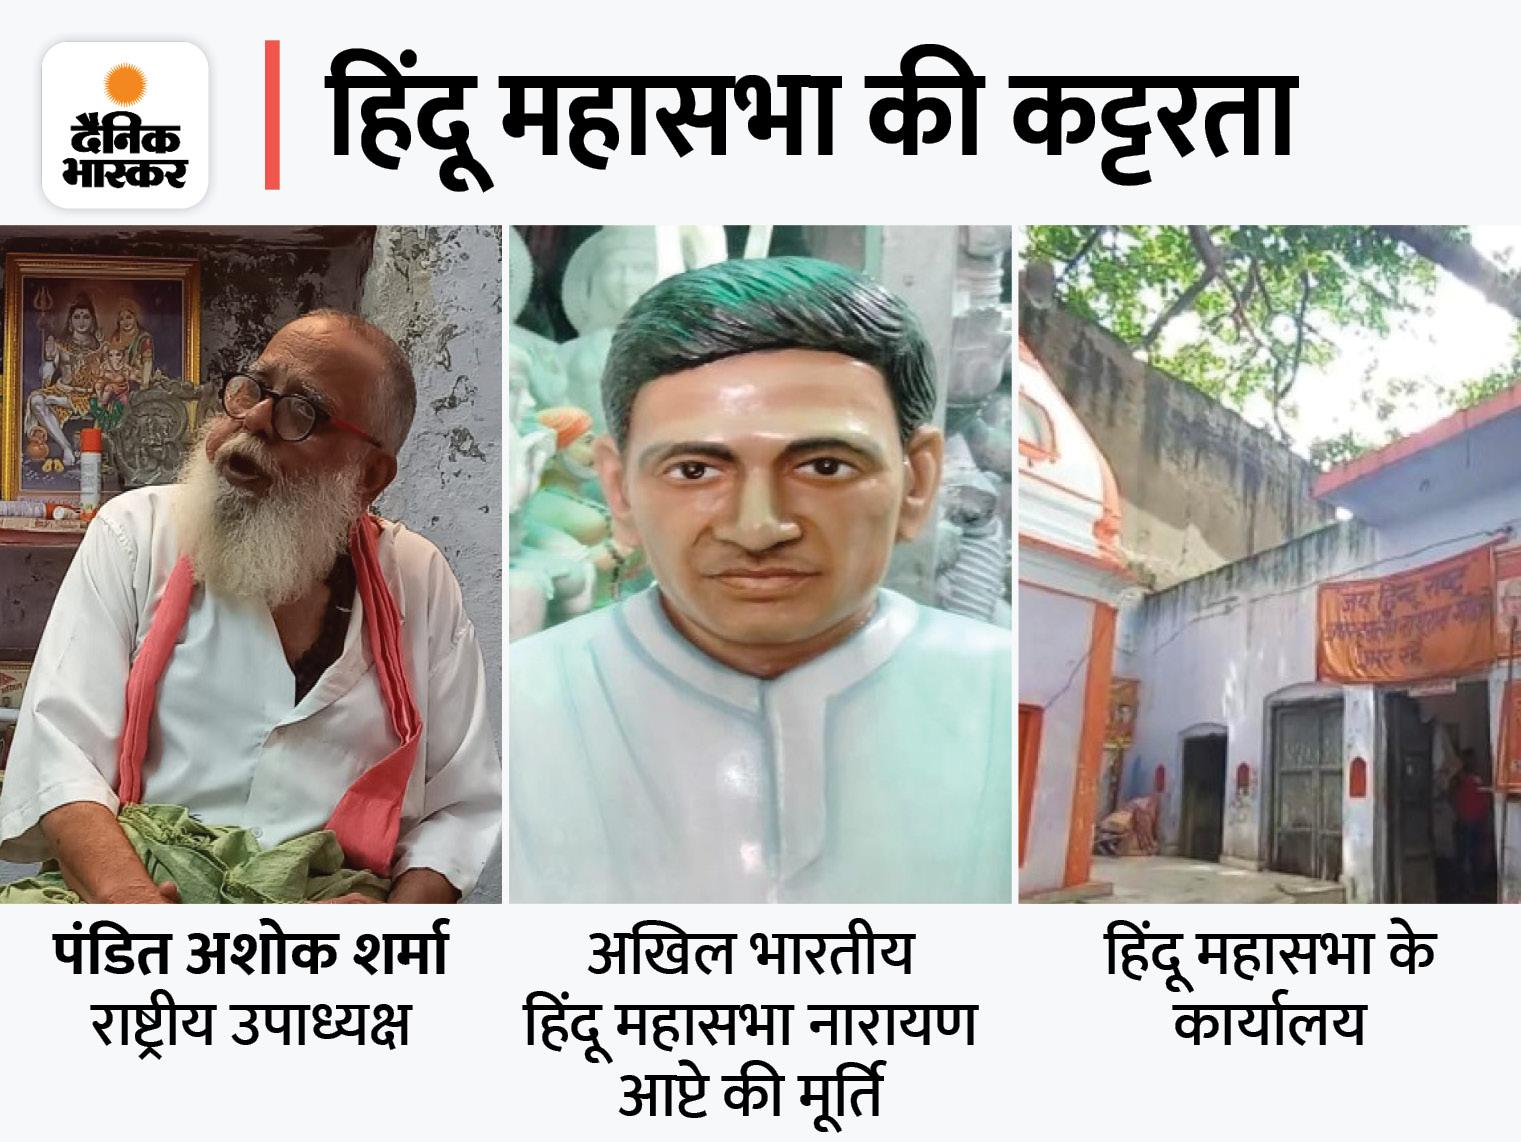 हिंदू महासभा 11 शहरों में लगाएगी प्रतिमा, राष्ट्रीय उपाध्यक्ष बोले- मुसलमान ओम के झंडे के नीचे पढ़ें नमाज मेरठ,Meerut - Dainik Bhaskar